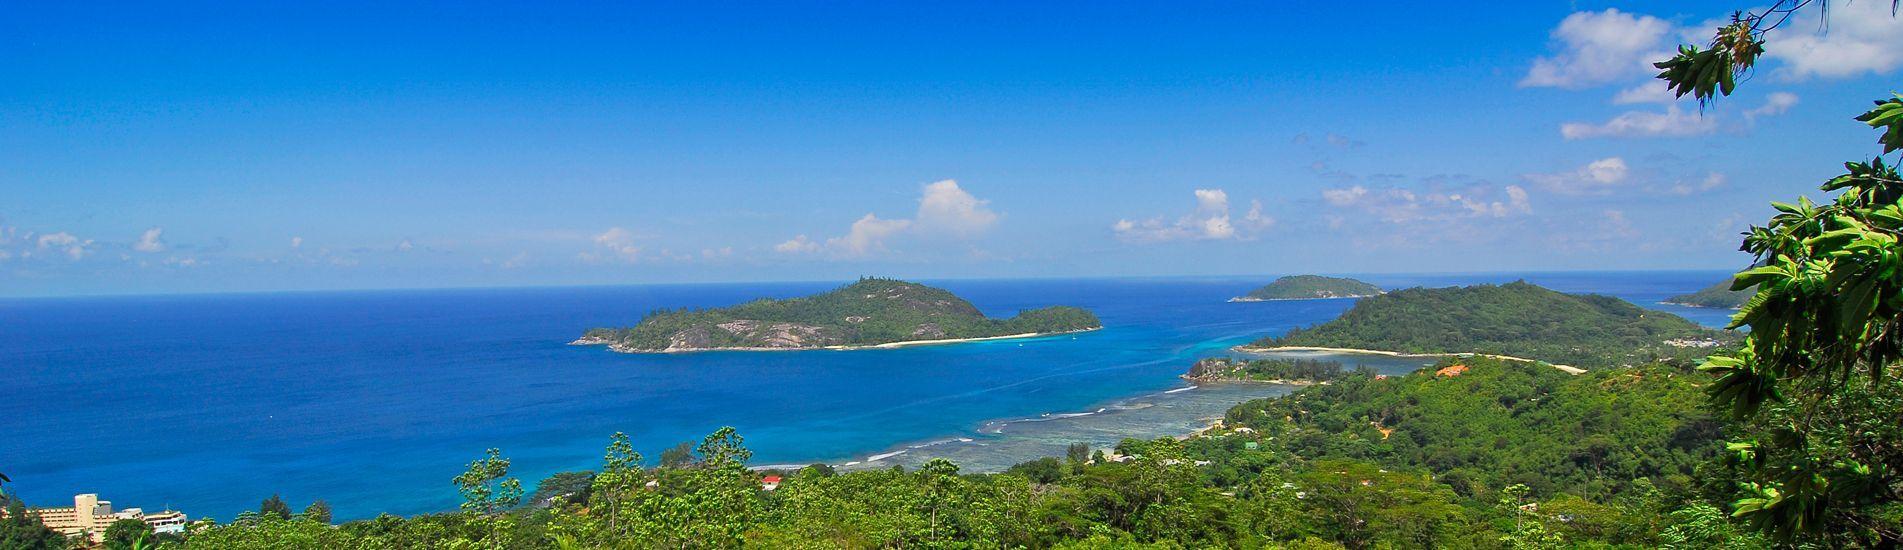 Reiseblog Urlaubs-Geflüster Seychellen Mahé